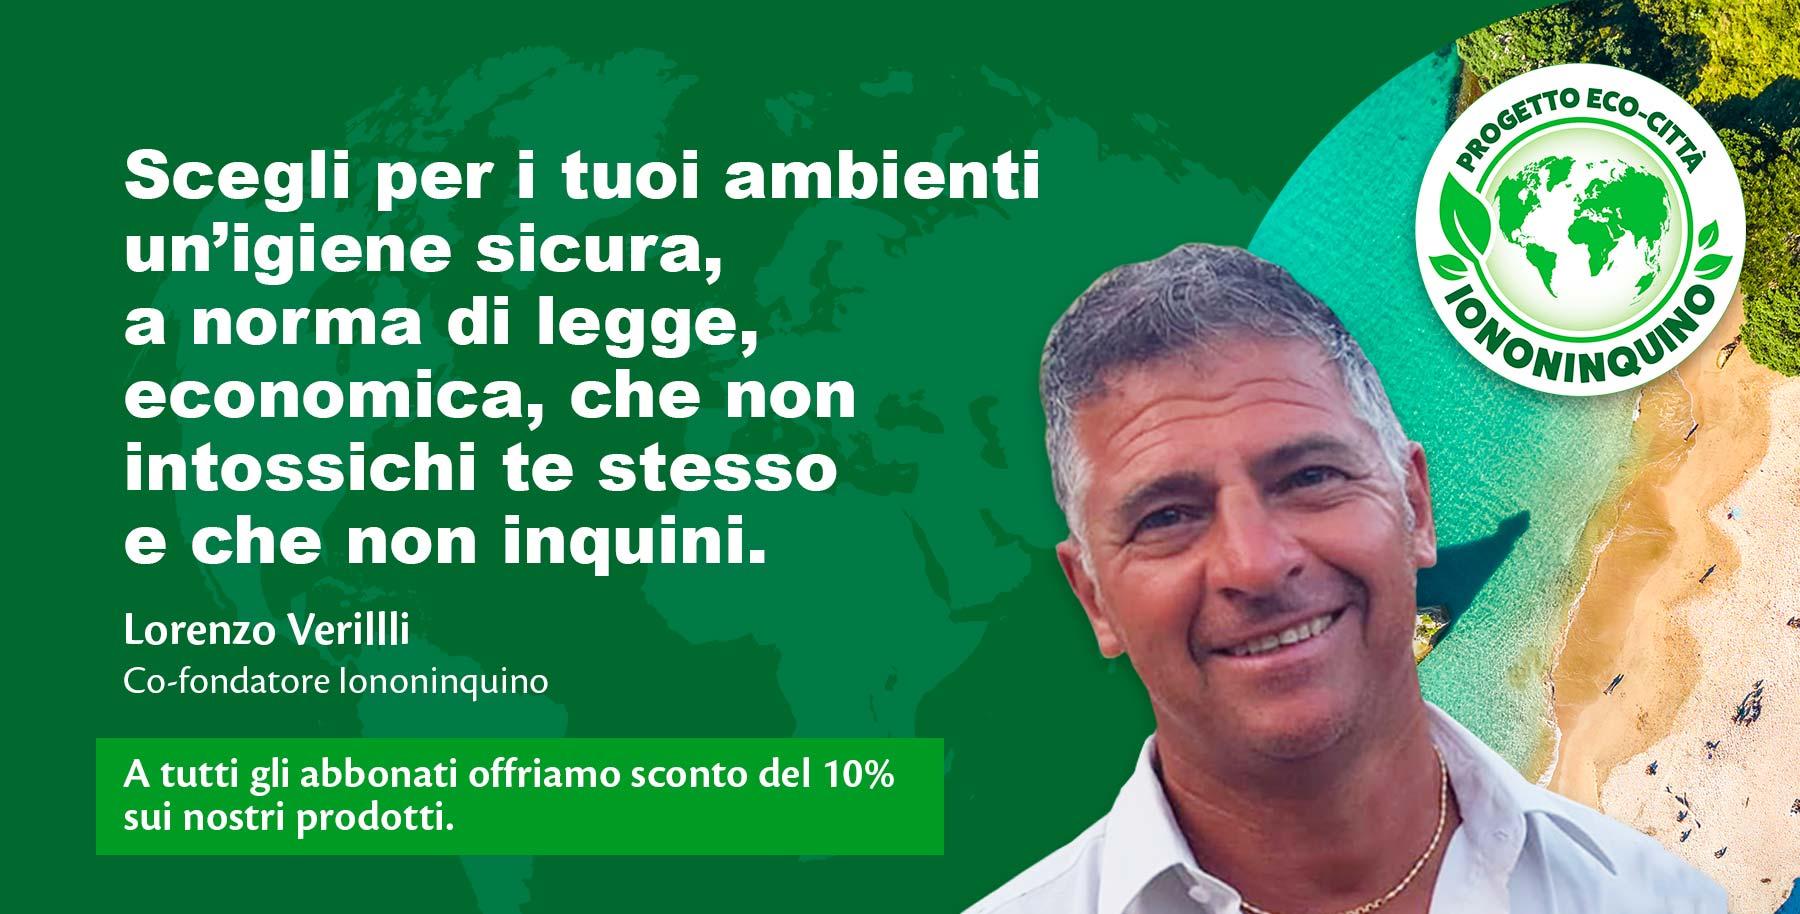 Lorenzo Verilli: Io non inquino - Sinergie Vitali